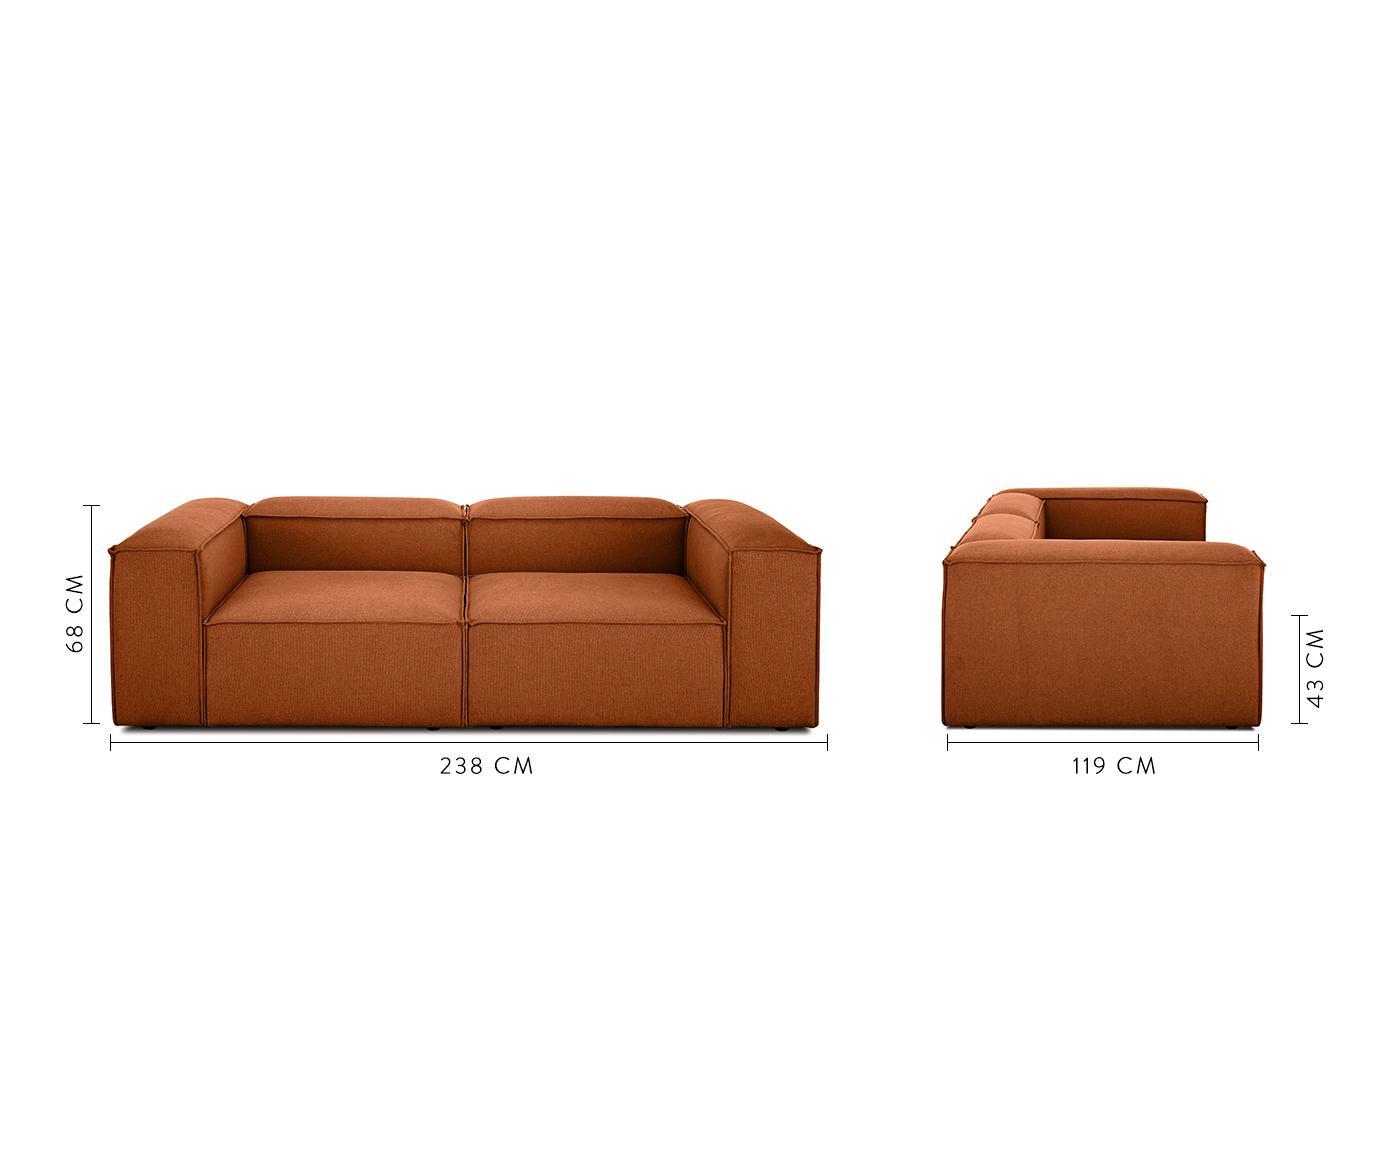 Sofa modułowa Lennon (3-osobowa), Tapicerka: poliester 35 000 cykli w , Stelaż: lite drewno sosnowe, skle, Nogi: tworzywo sztuczne, Tkanina terakota, S 238 x G 119 cm